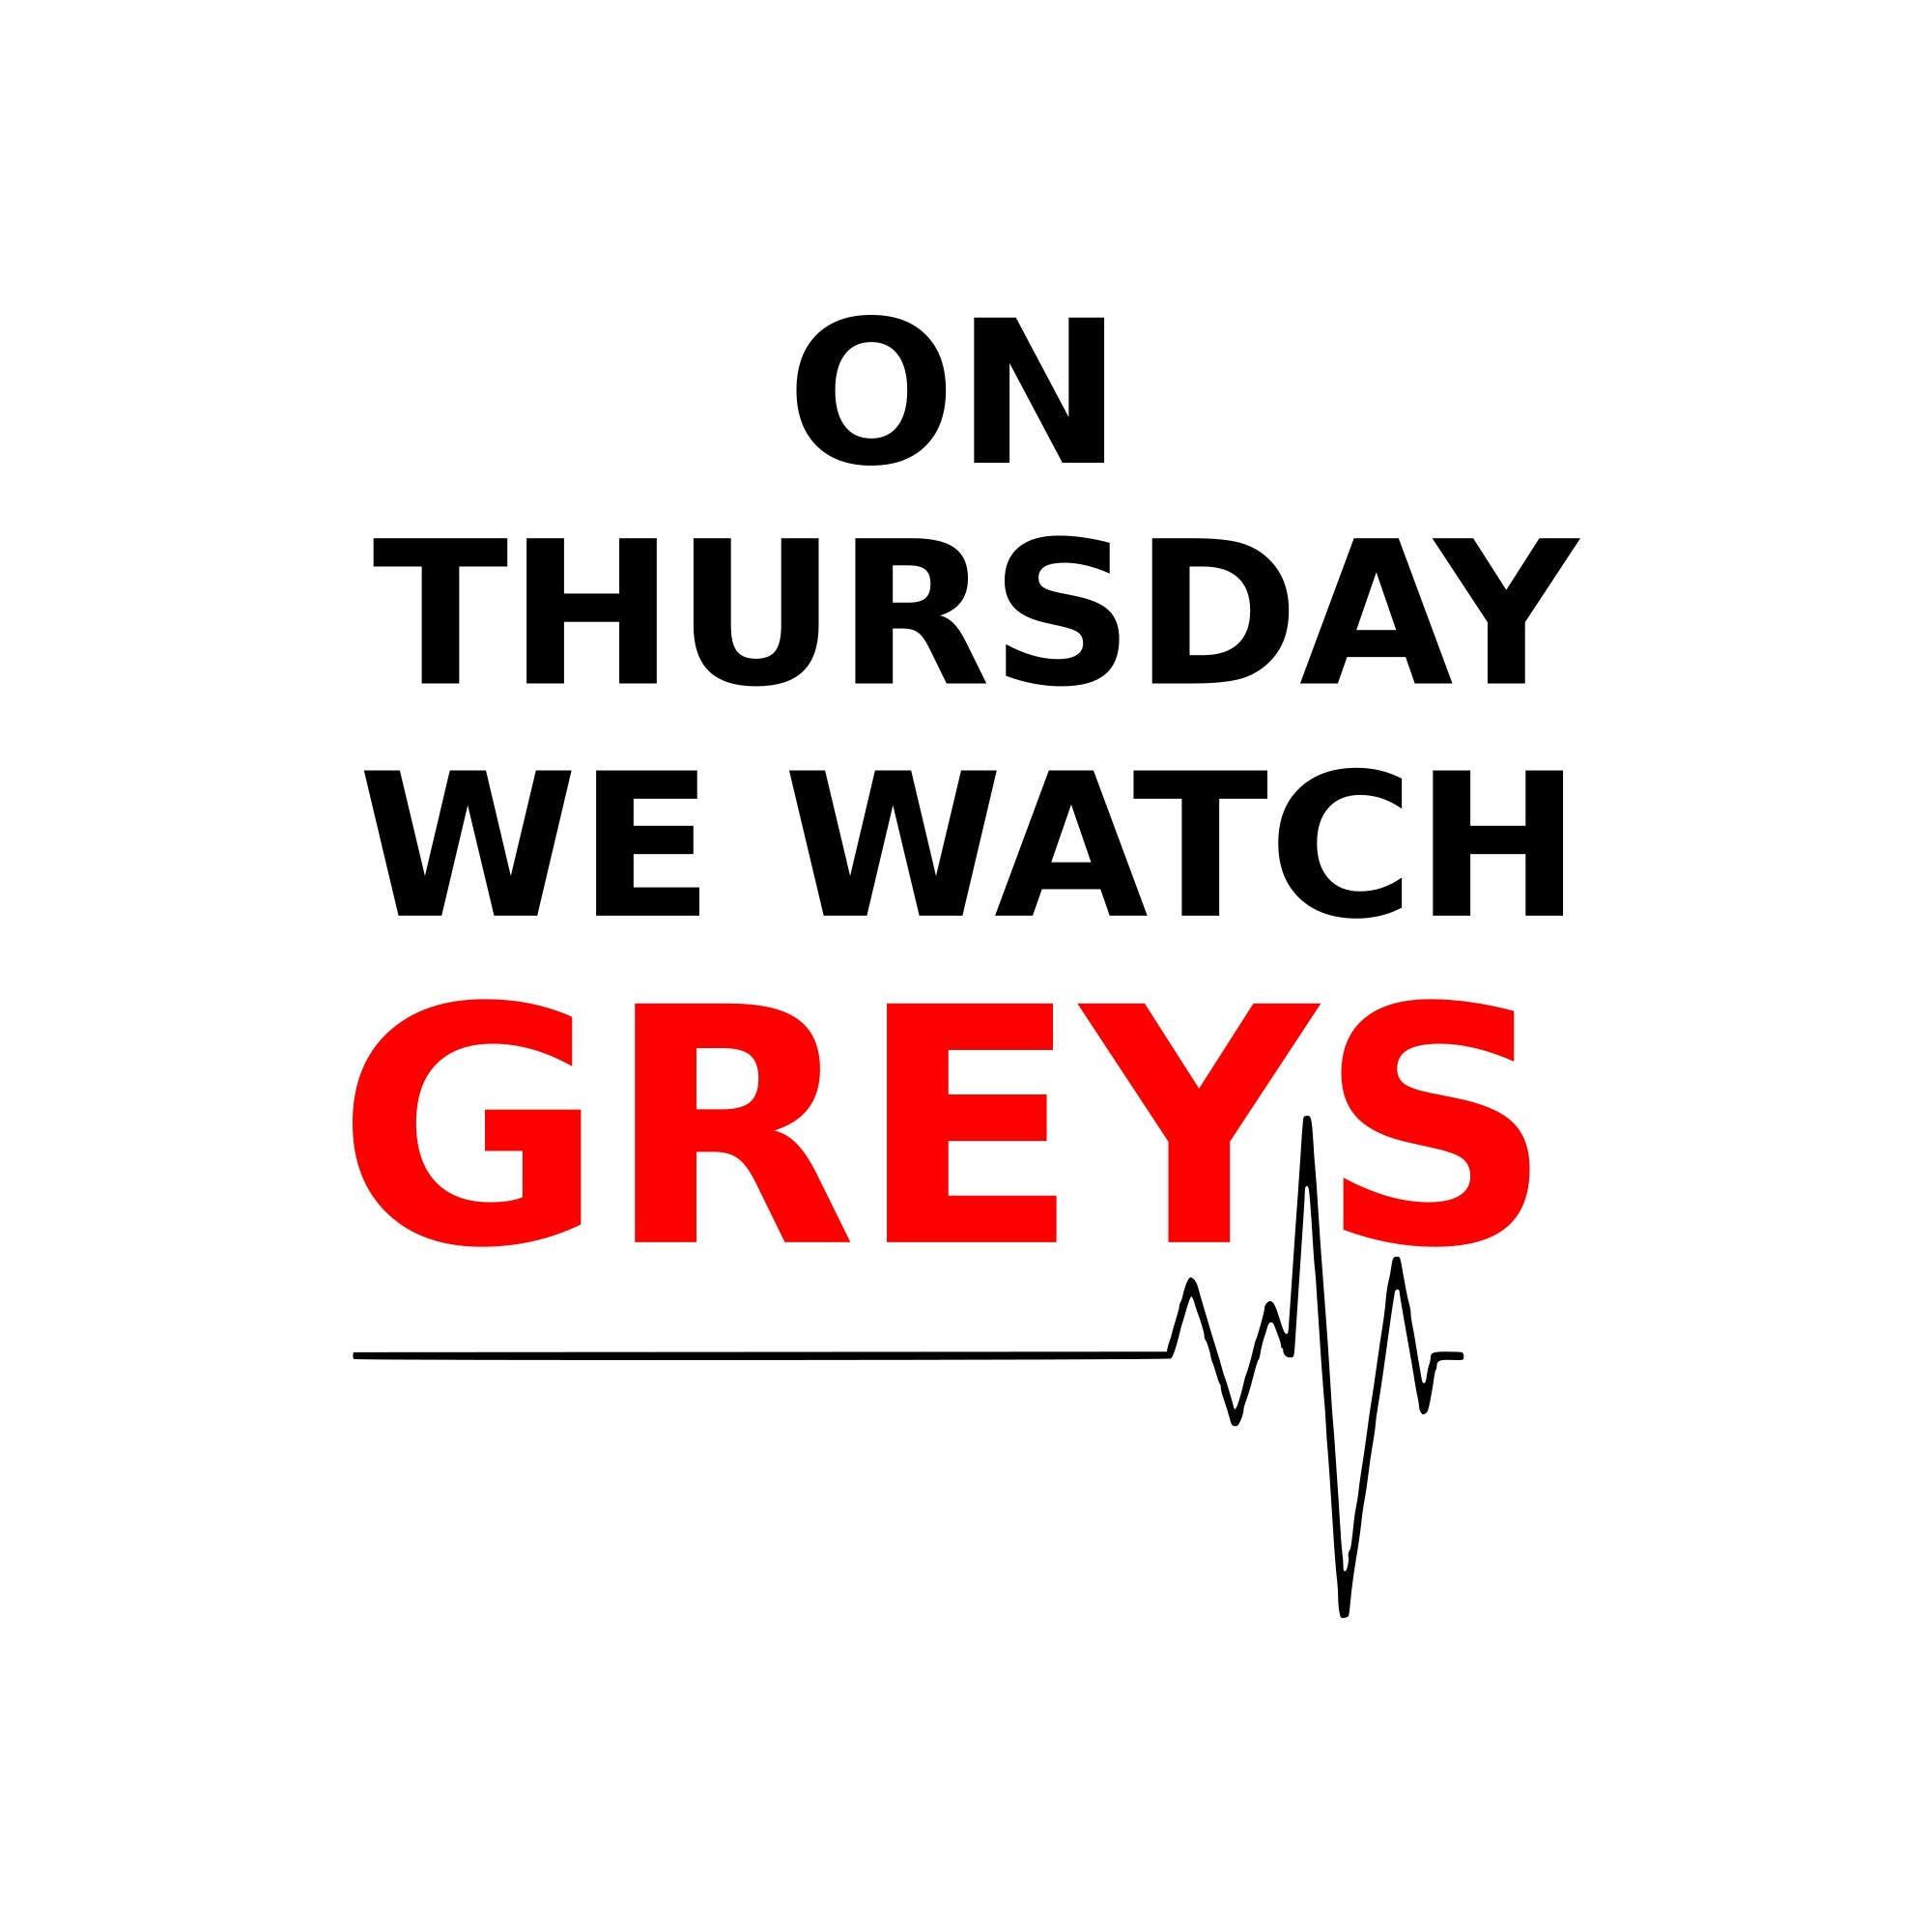 Awesome Watch Tv Series Greys Anatomy Inspiration - Anatomy Ideas ...